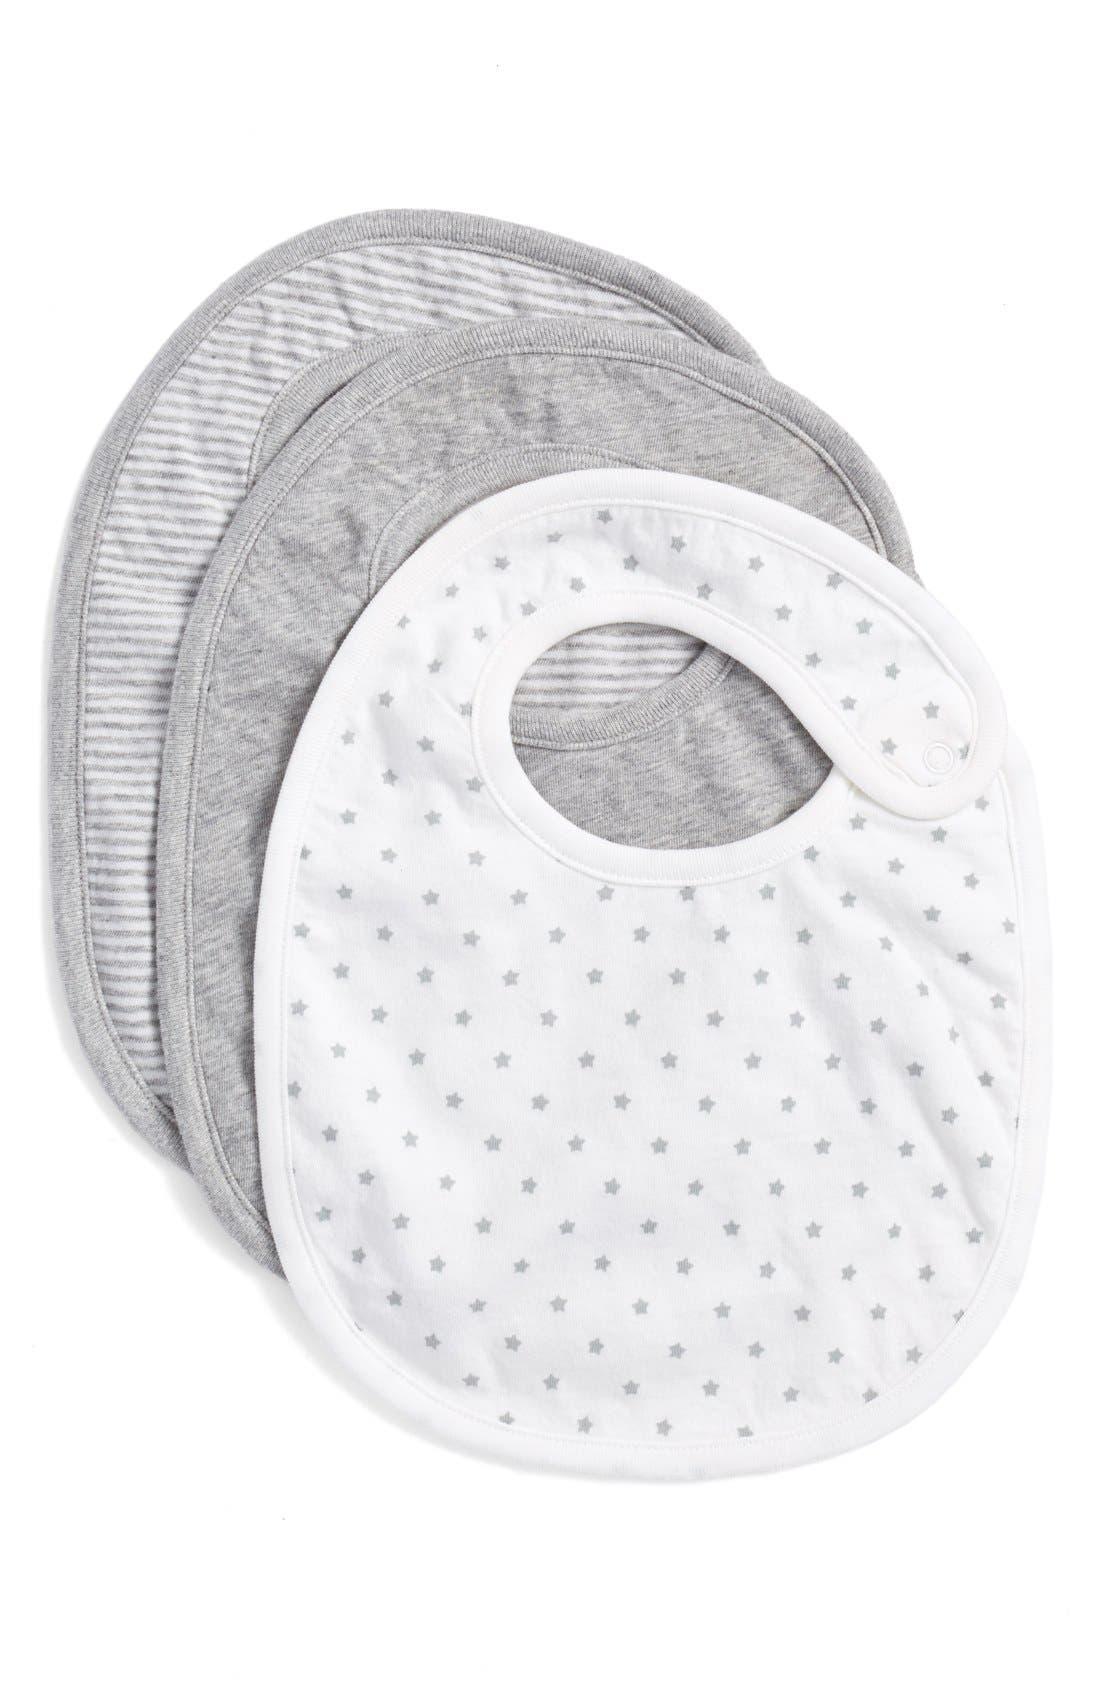 Alternate Image 1 Selected - Nordstrom Baby Snap Bibs (3-Pack)